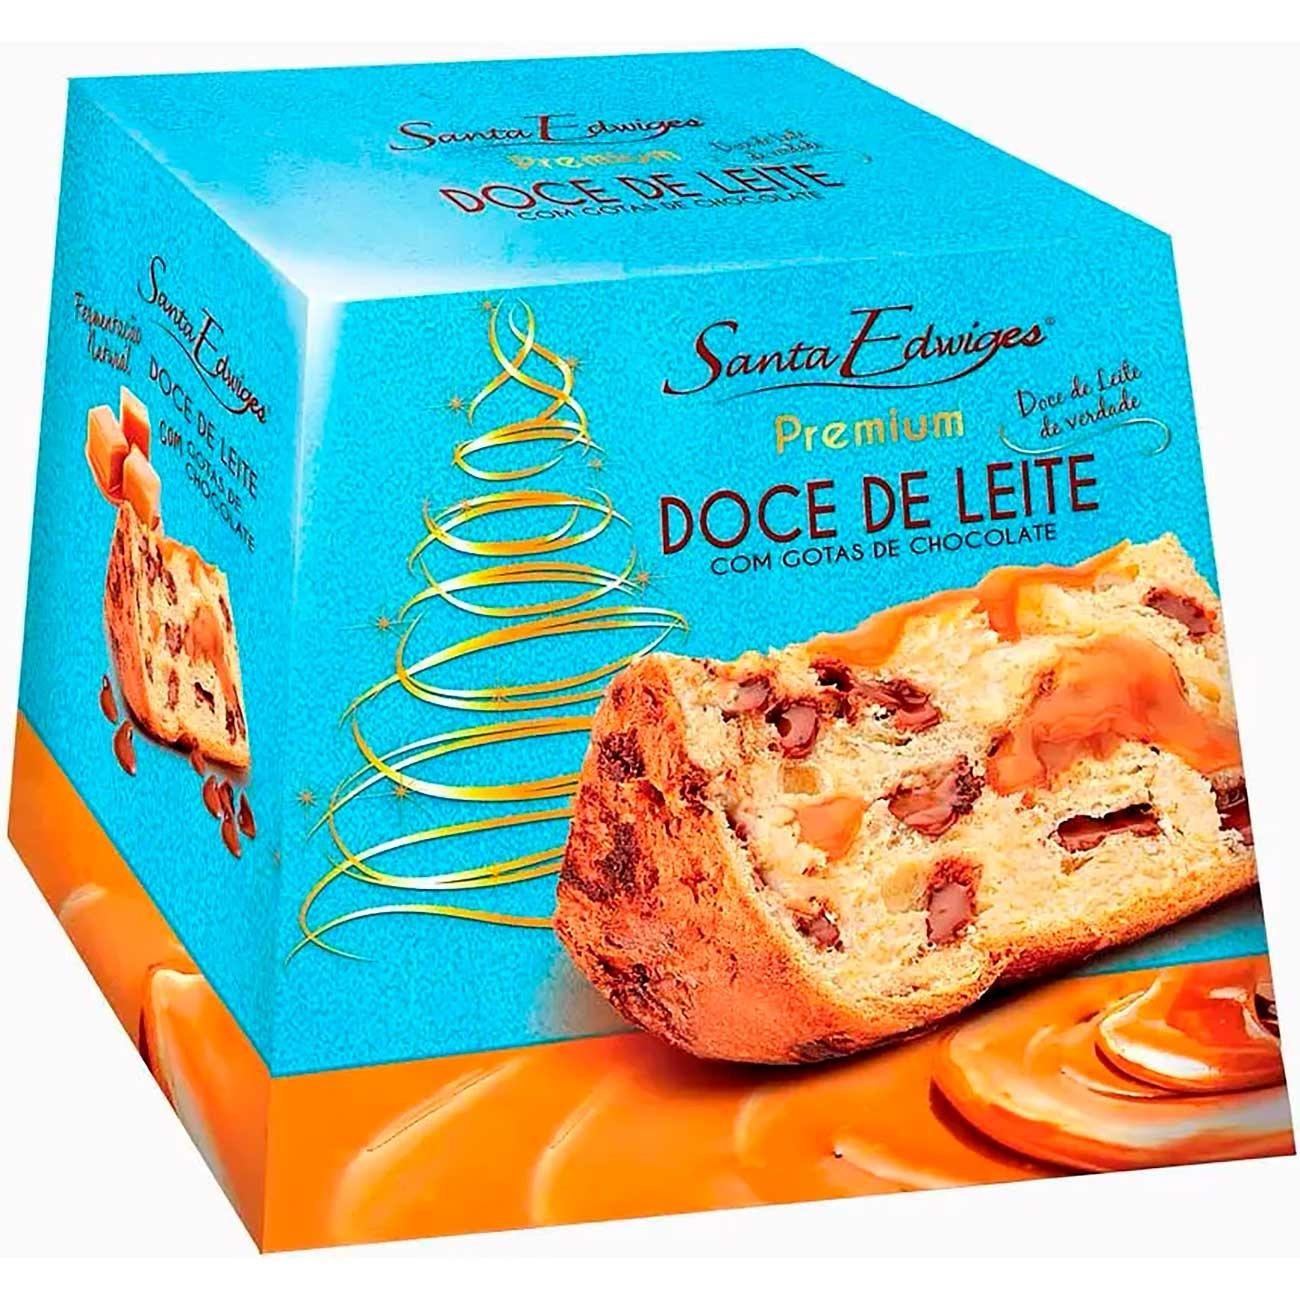 Panettone Santa Edwiges Doce De Leite 500g